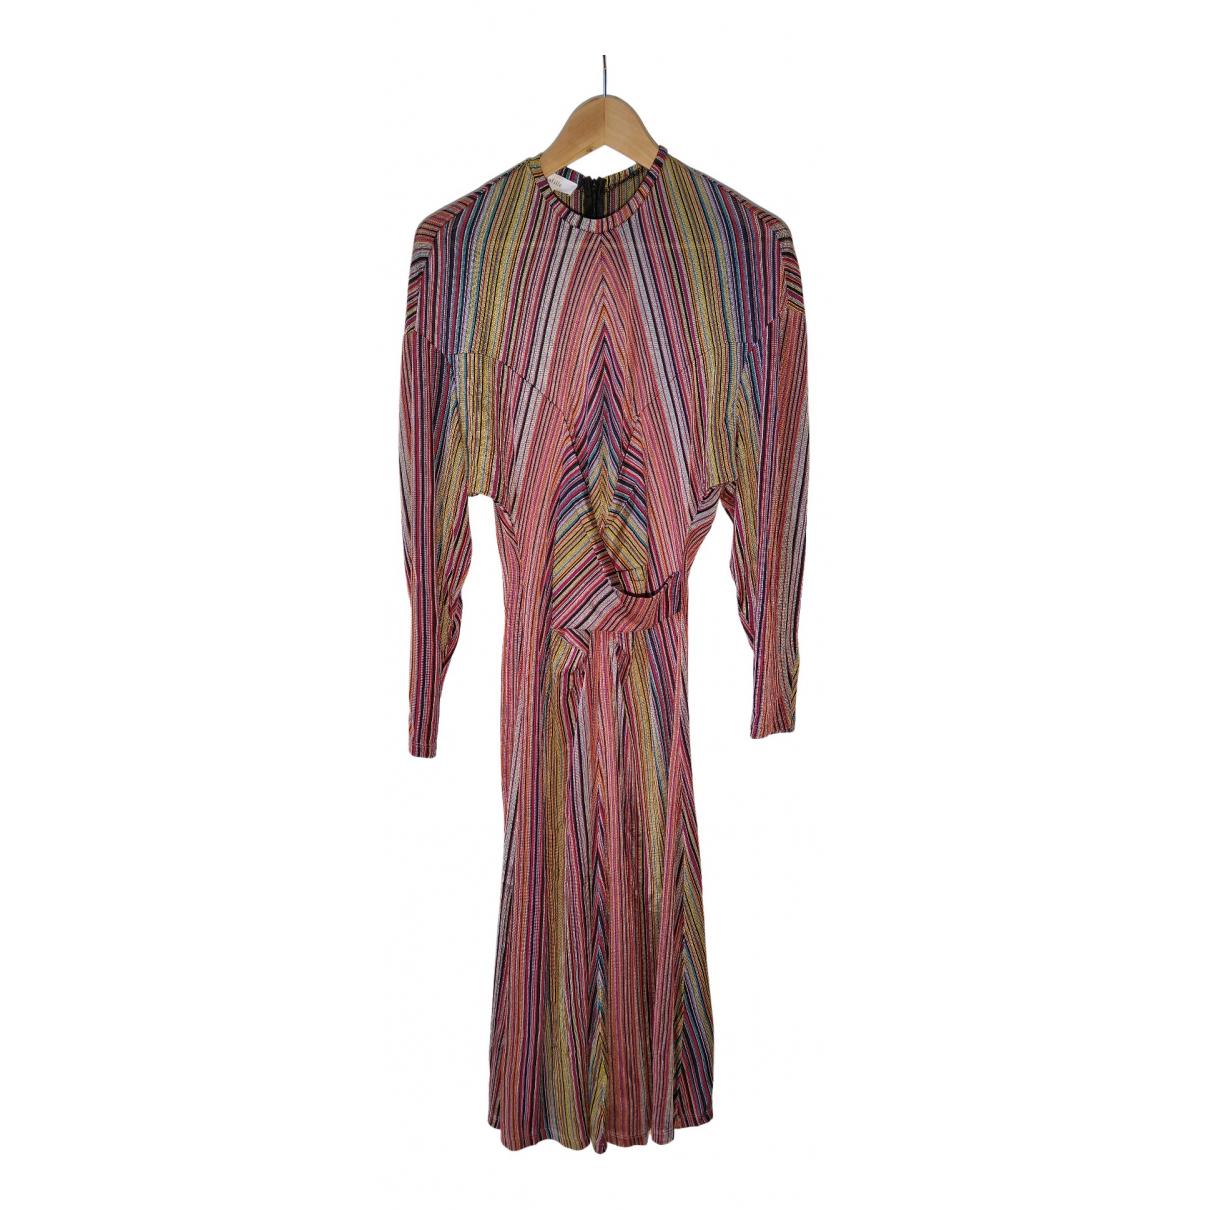 Beaufille \N Kleid in  Bunt Viskose